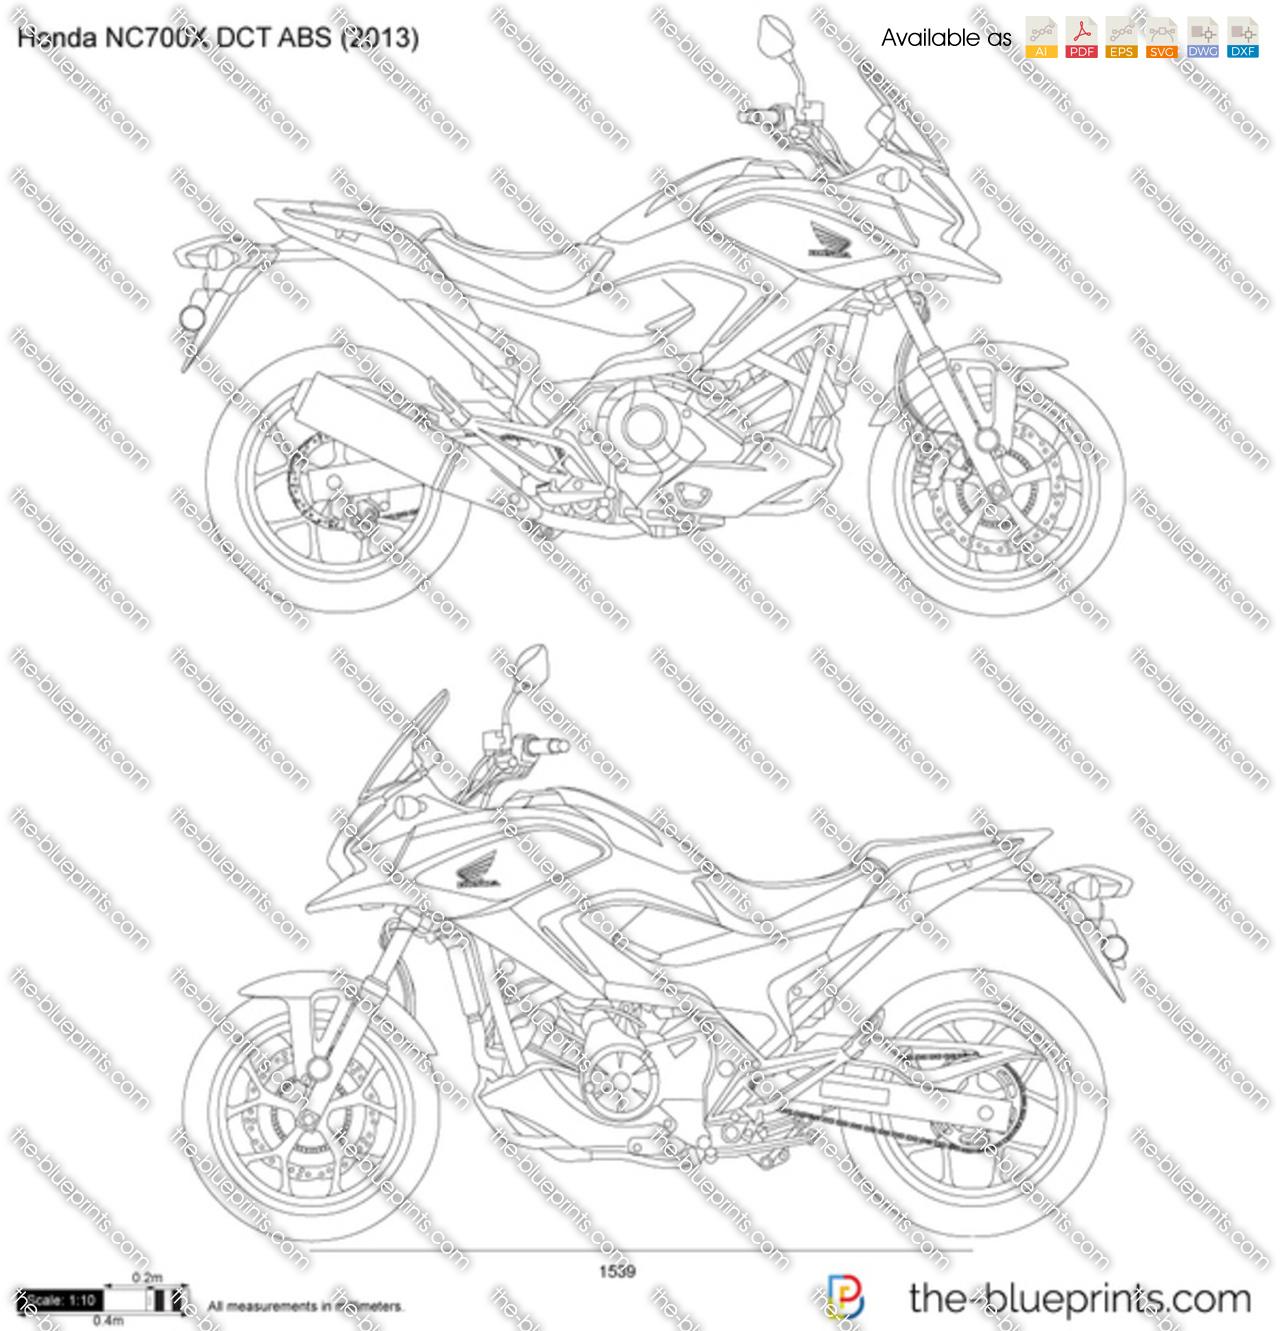 Honda Nc700x Dct Abs Vector Drawing